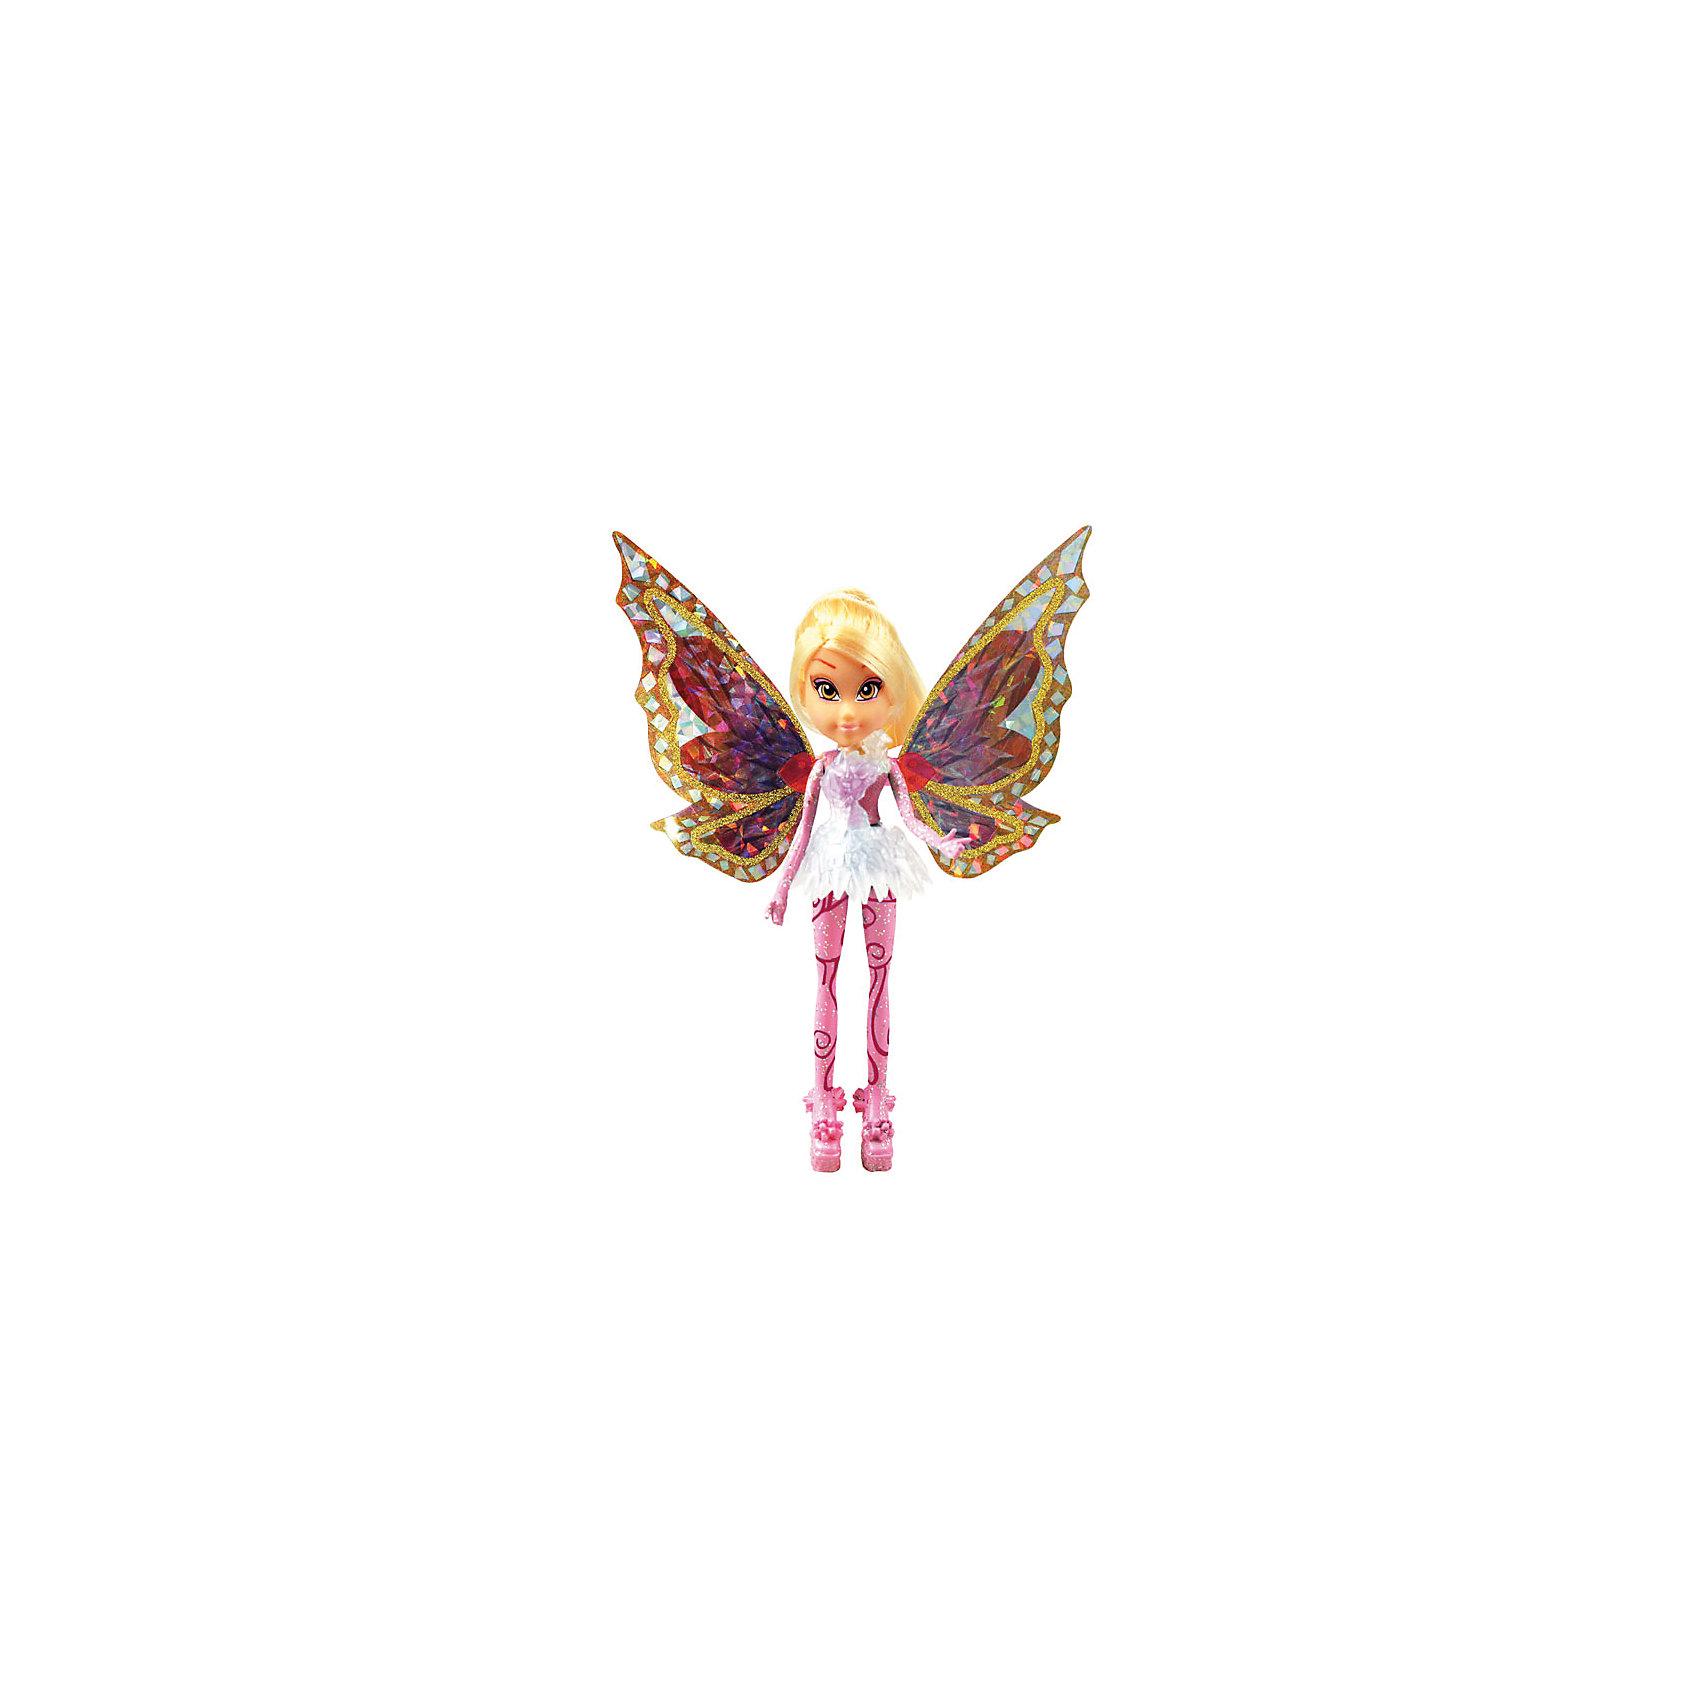 Мини-фигурки Тайникс - Стелла, Winx ClubБренды кукол<br>Характеристики товара:<br><br>• возраст: от 3 лет;<br>• материал: пластик, текстиль;<br>• в комплекте: кукла, платье, крылья, подставка;<br>• высота куклы: 12 см;<br>• размер упаковки: 23х18х6 см;<br>• вес упаковки: 85 гр.;<br>• страна производитель: Китай.<br><br>Мини-фигурка Стелла «Тайникс» Winx Club создана по мотивам известного мультсериала «Клуб Винкс: Школа волшебниц» про очаровательных фей-волшебниц. Стелла — лучшая подруга главной героини Блум, с которой она любит смотреть комедии, устраивать вечеринки и ходить по магазинам.<br><br>При помощи магии Тайникс феи научились уменьшаться в размере, чтобы путешествовать в мини-миры. У феи выразительные карие глаза и светлые волосы. За спиной куклы разноцветные крылышки, которые переливаются и порхают.<br><br>Мини-фигурку Стеллу «Тайникс» Winx Club можно приобрести в нашем интернет-магазине.<br><br>Ширина мм: 80<br>Глубина мм: 210<br>Высота мм: 50<br>Вес г: 120<br>Возраст от месяцев: 36<br>Возраст до месяцев: 2147483647<br>Пол: Женский<br>Возраст: Детский<br>SKU: 5383948